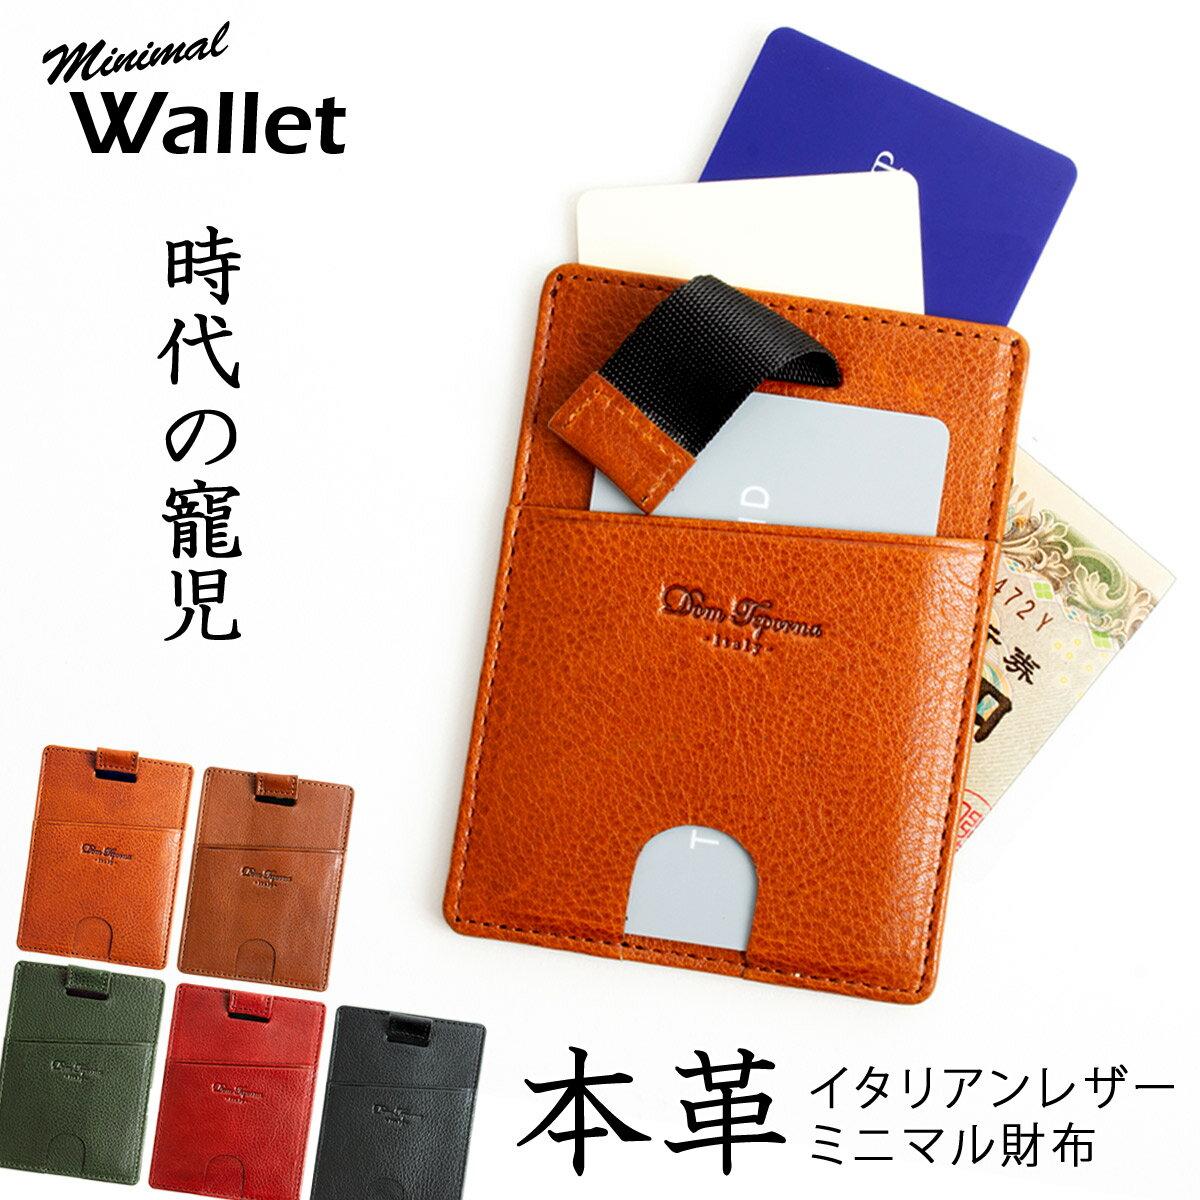 【クーポンSALE】極小財布 ミニマリスト用 ベルトポケット財布 ウルトラスリムなミニマリストウォレット カードケース DomTepornaItaly ブランド 薄型 薄い ミニ財布 本革 レザー メンズ カード入れ